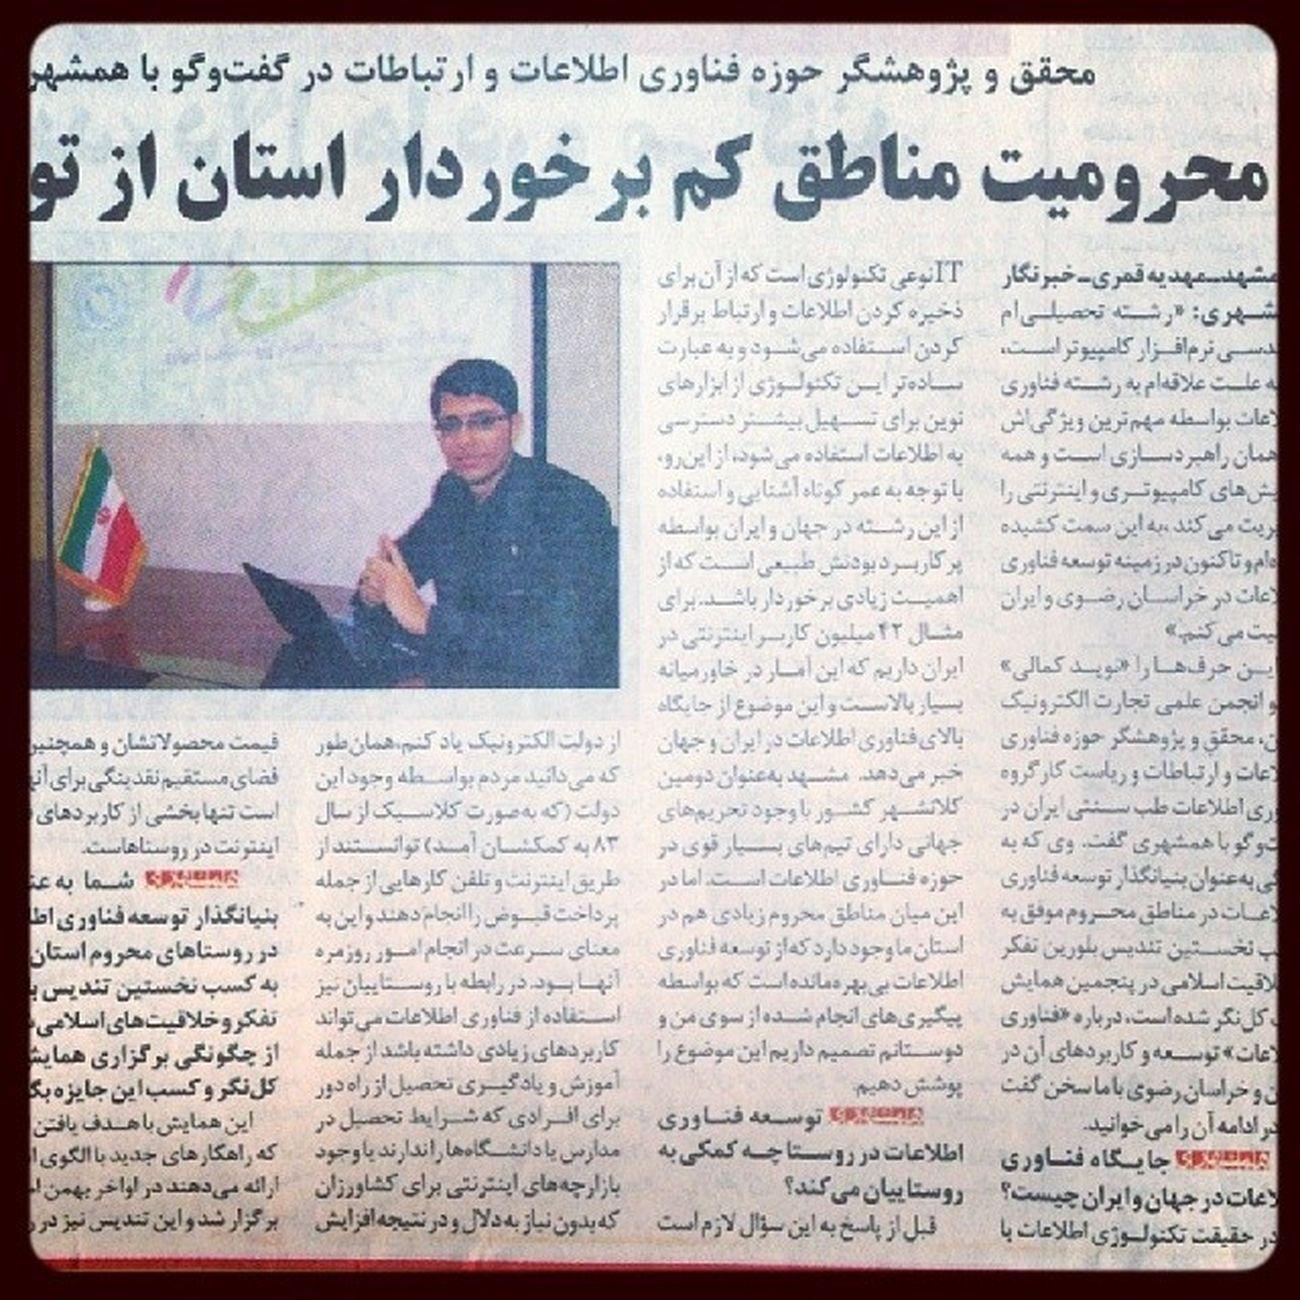 نوید کمالی nKamali.ir Navidkamali Iran Mashhad نوید_کمالی Nkamali_ir Smart_city Smartcity Smartcities همشهری